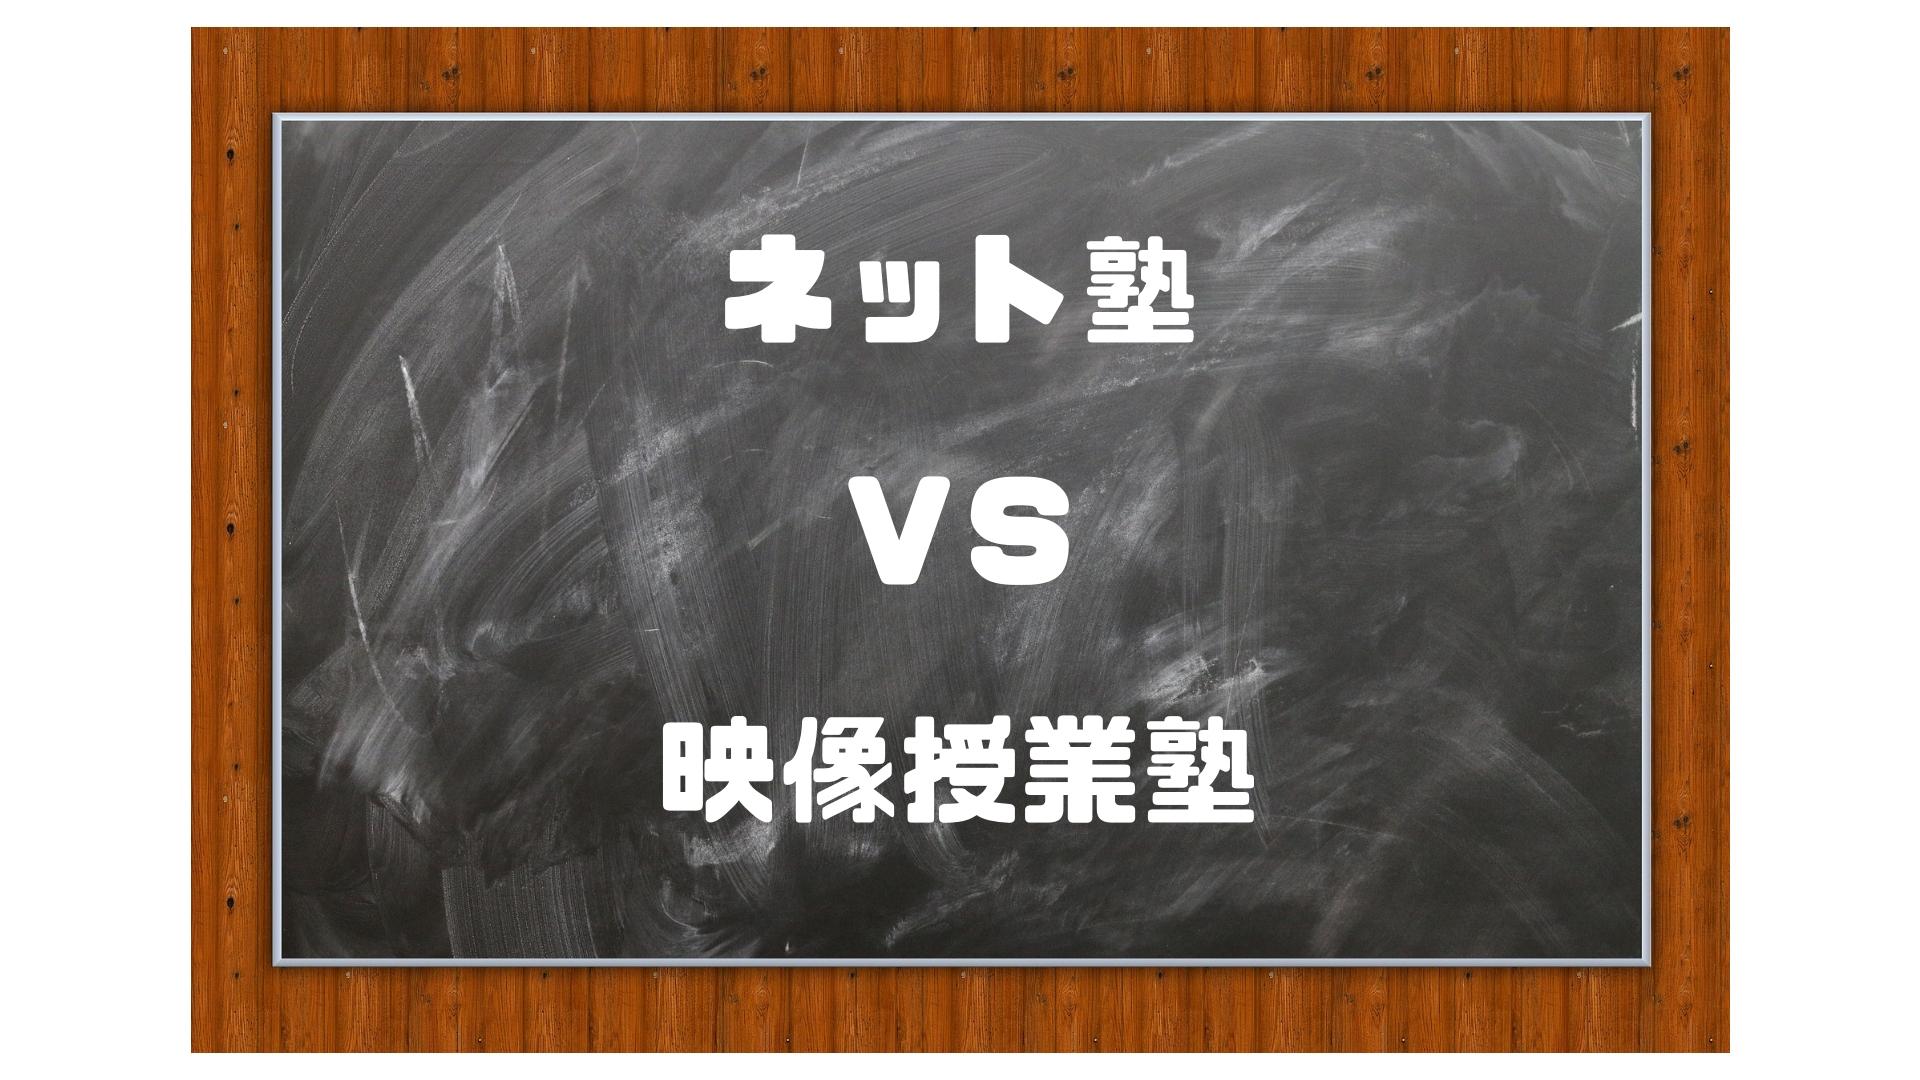 ネット塾 vs 映像授業塾